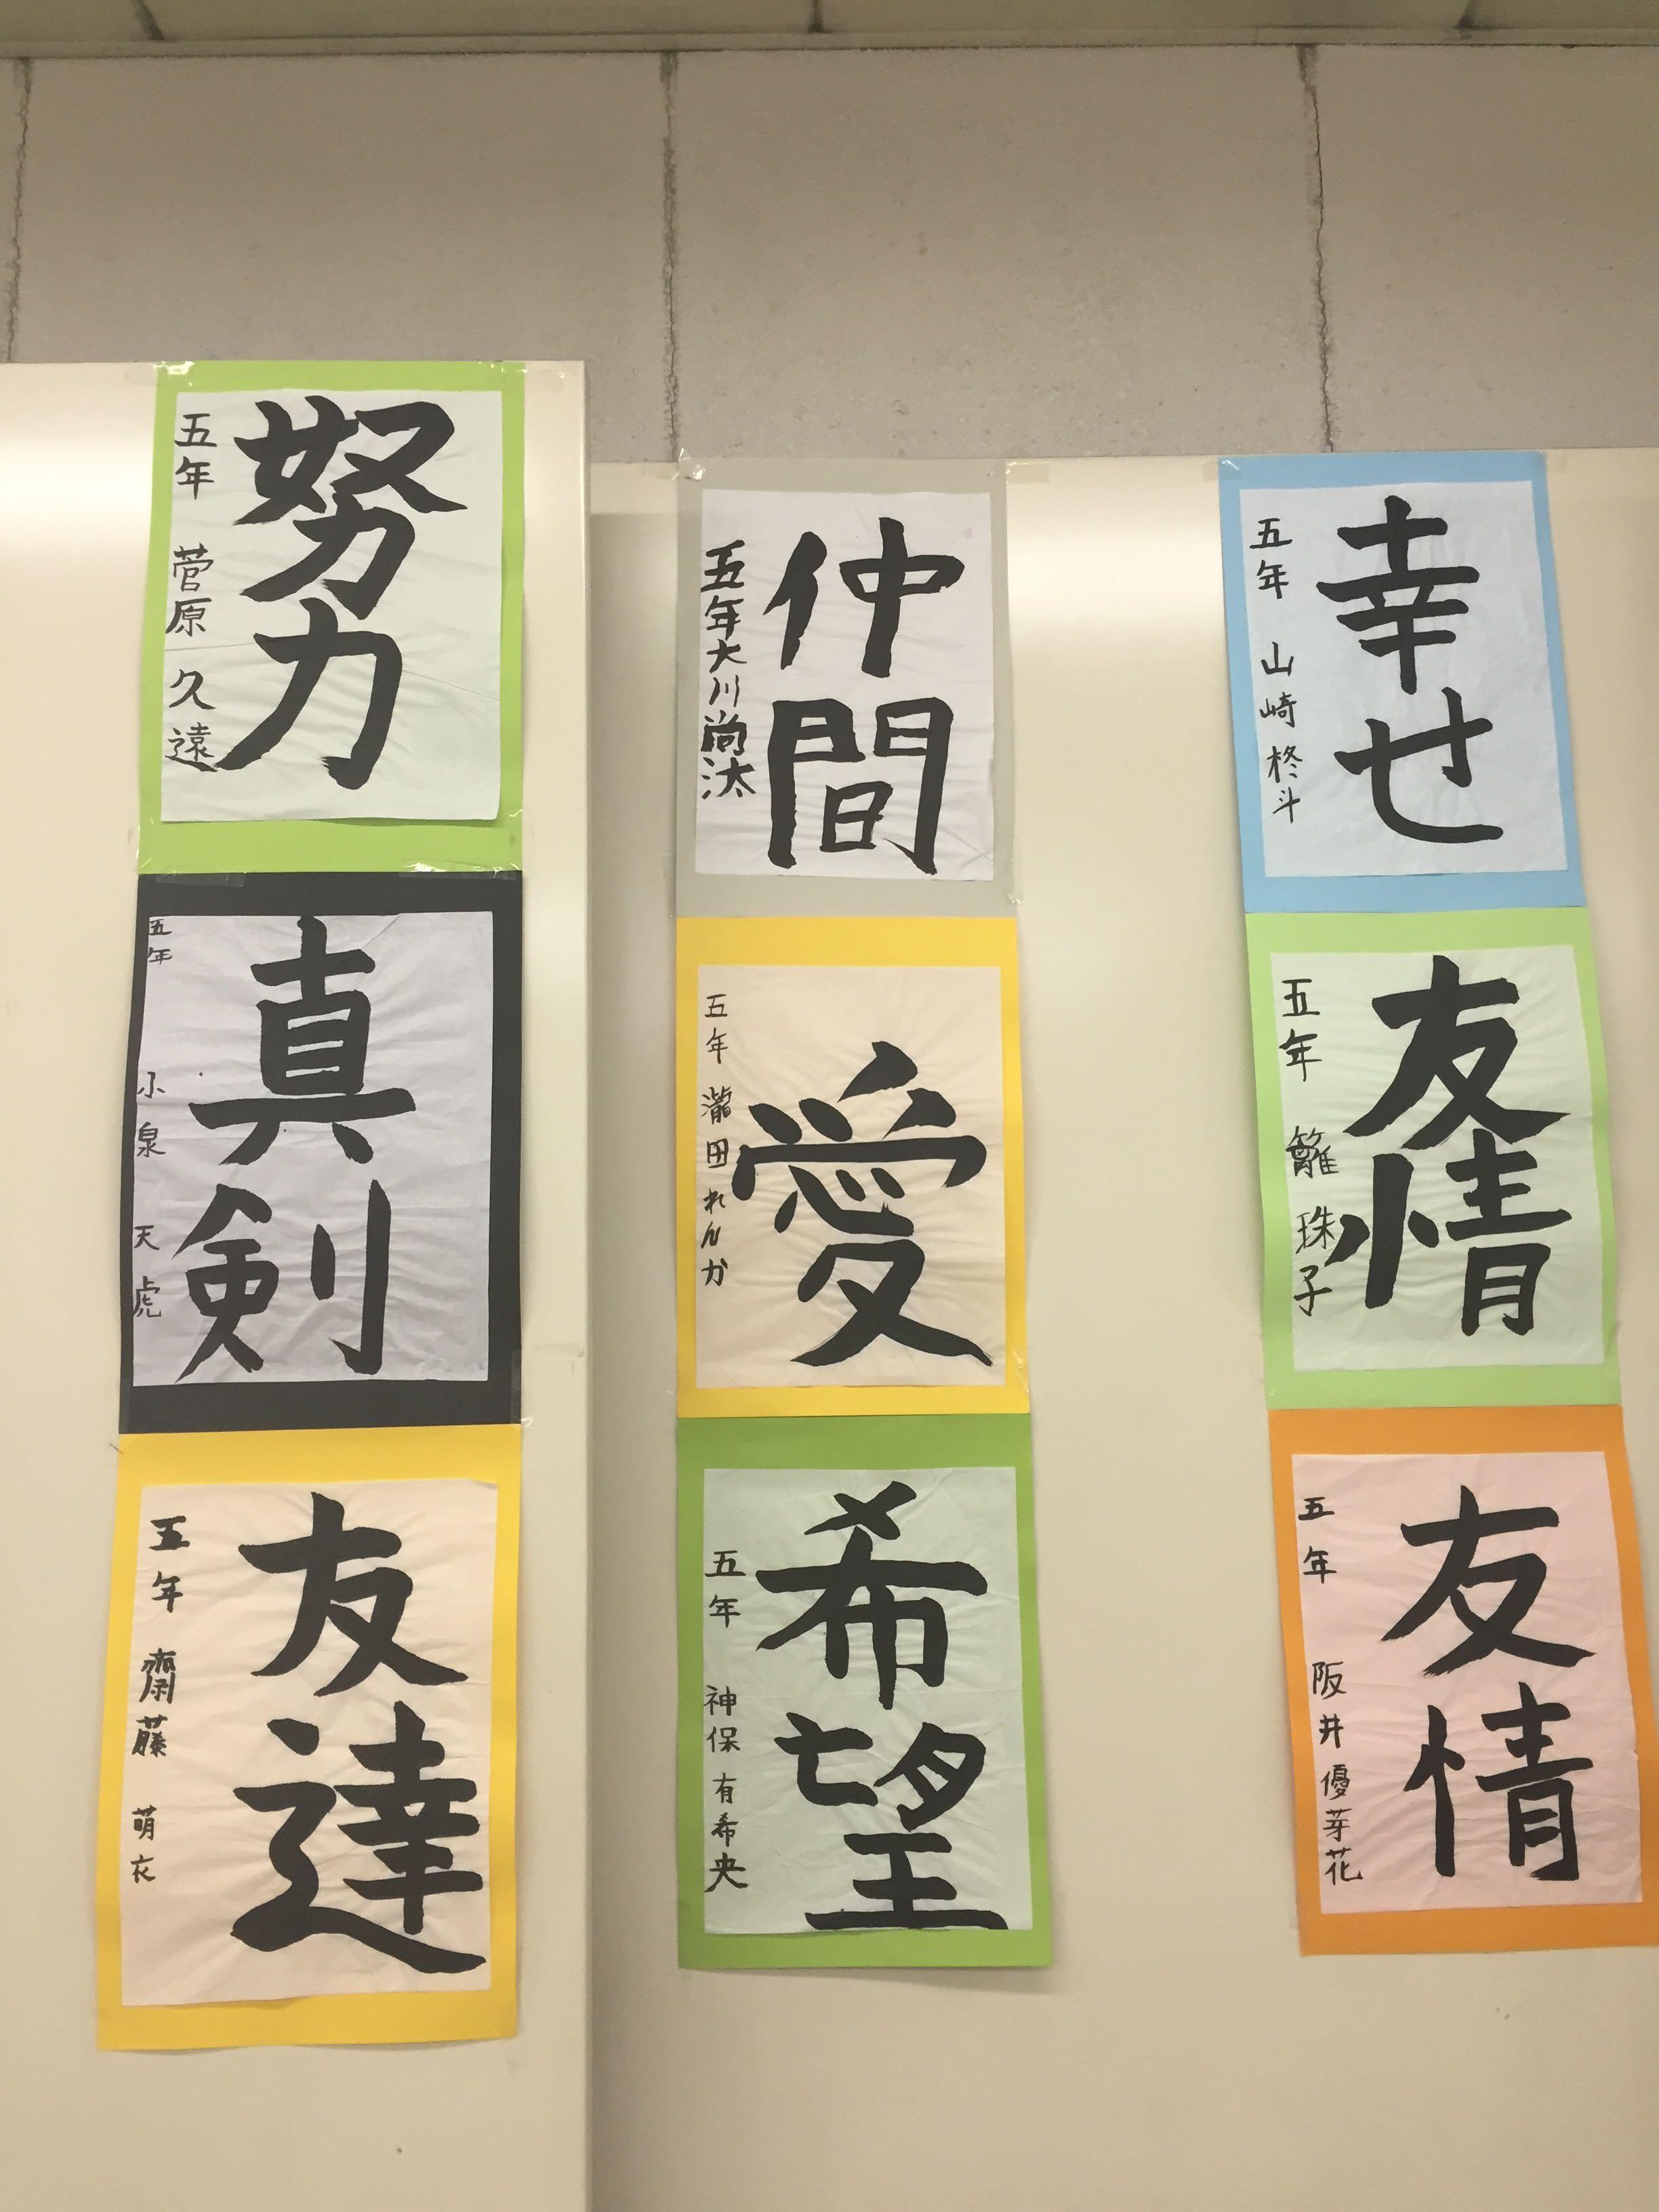 为什么日本人写汉字这么工整? - 知乎用户的回